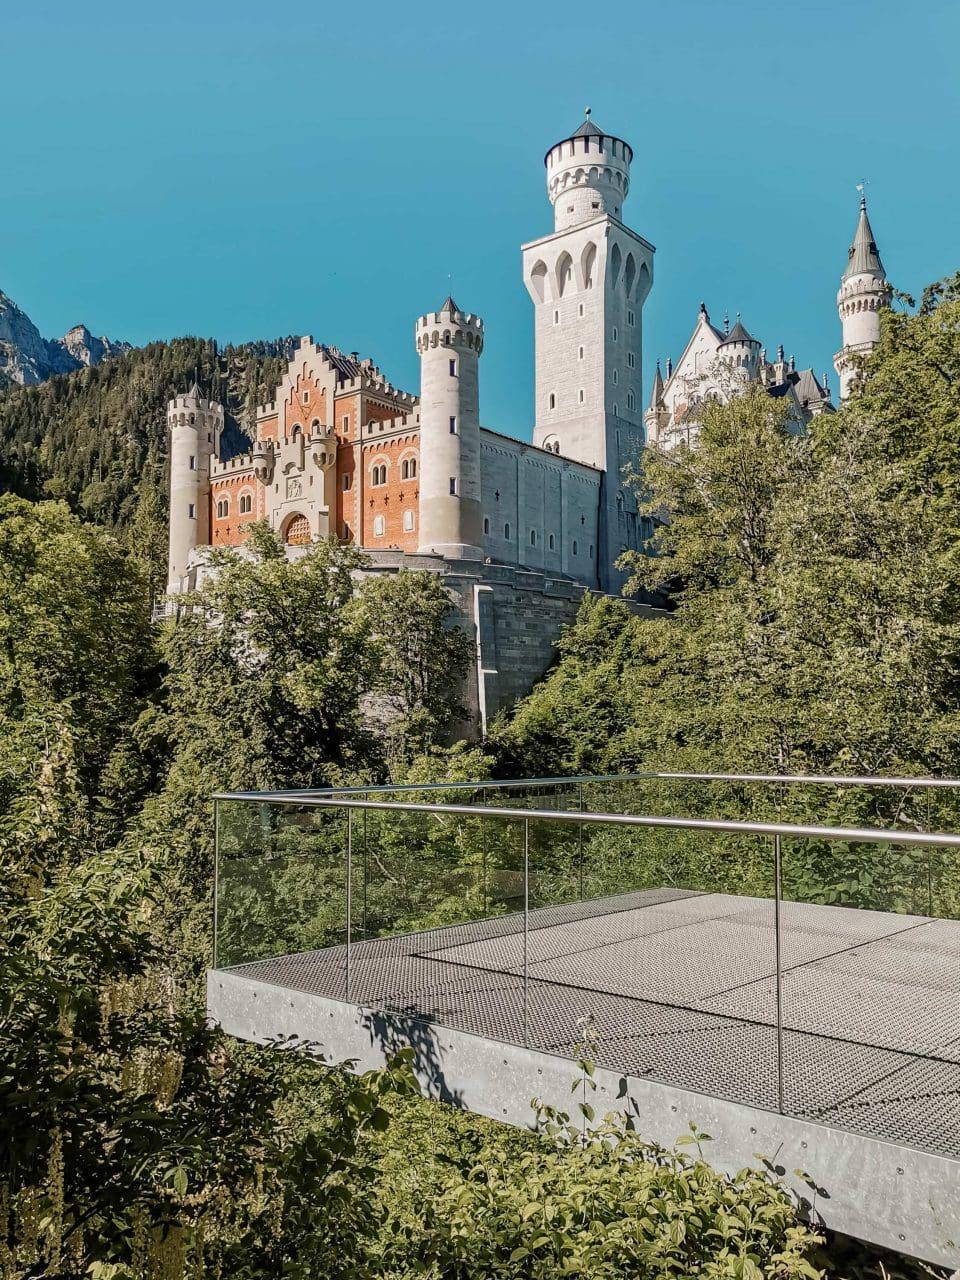 Sehenswürdigkeiten Allgäu Aussichtsplattform Schloss Neuschwanstein